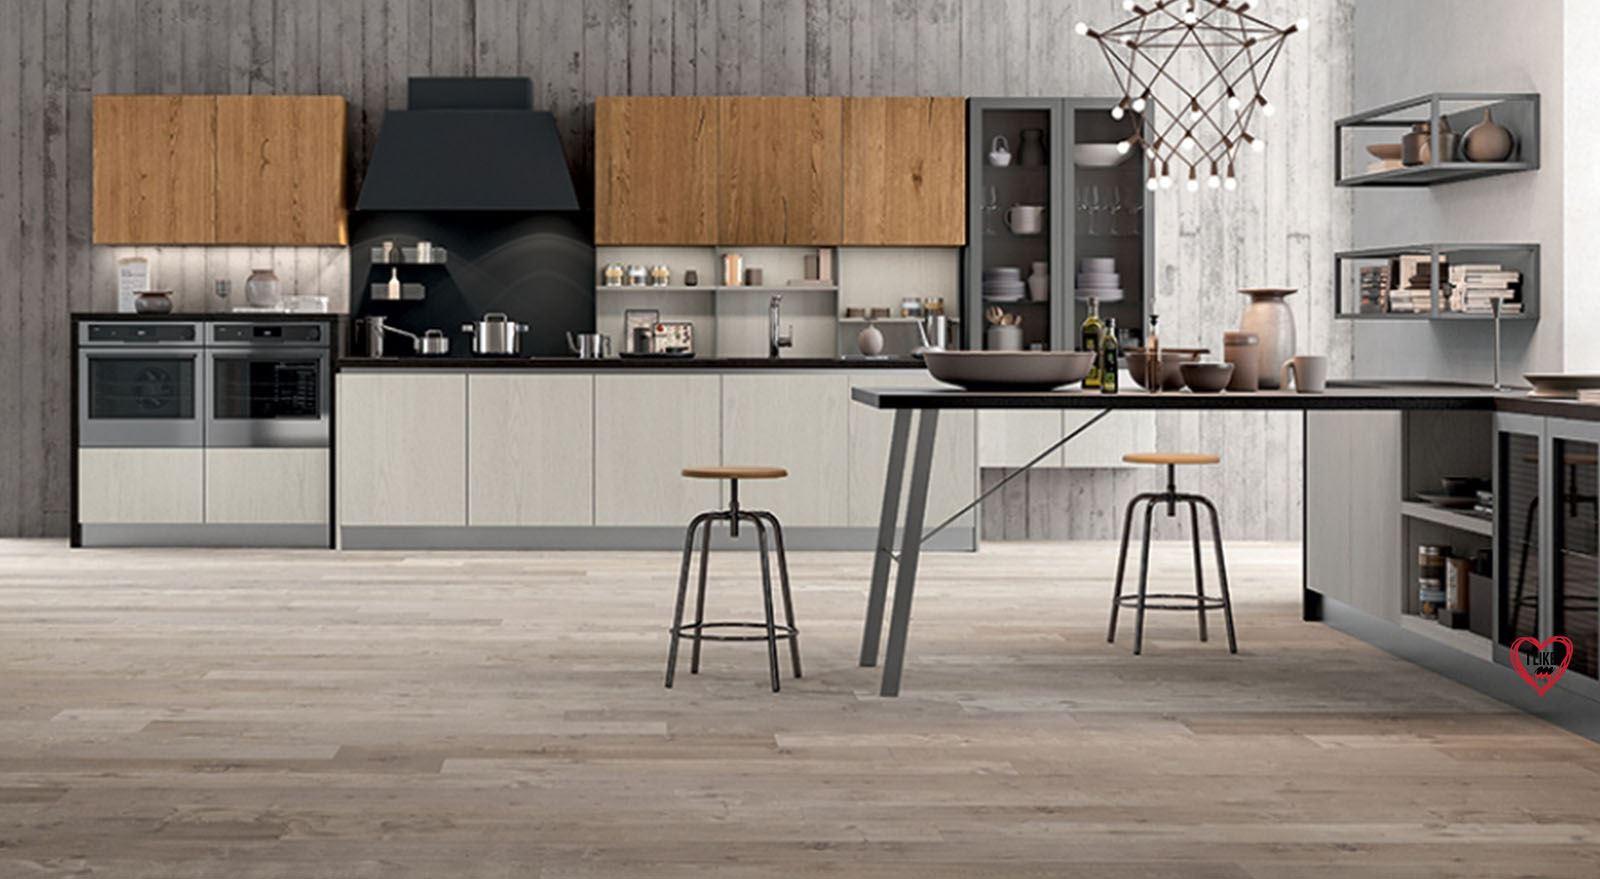 Cucine Componibili Moderne Offerta.Le Migliori Cucine Moderne Componibili Padova